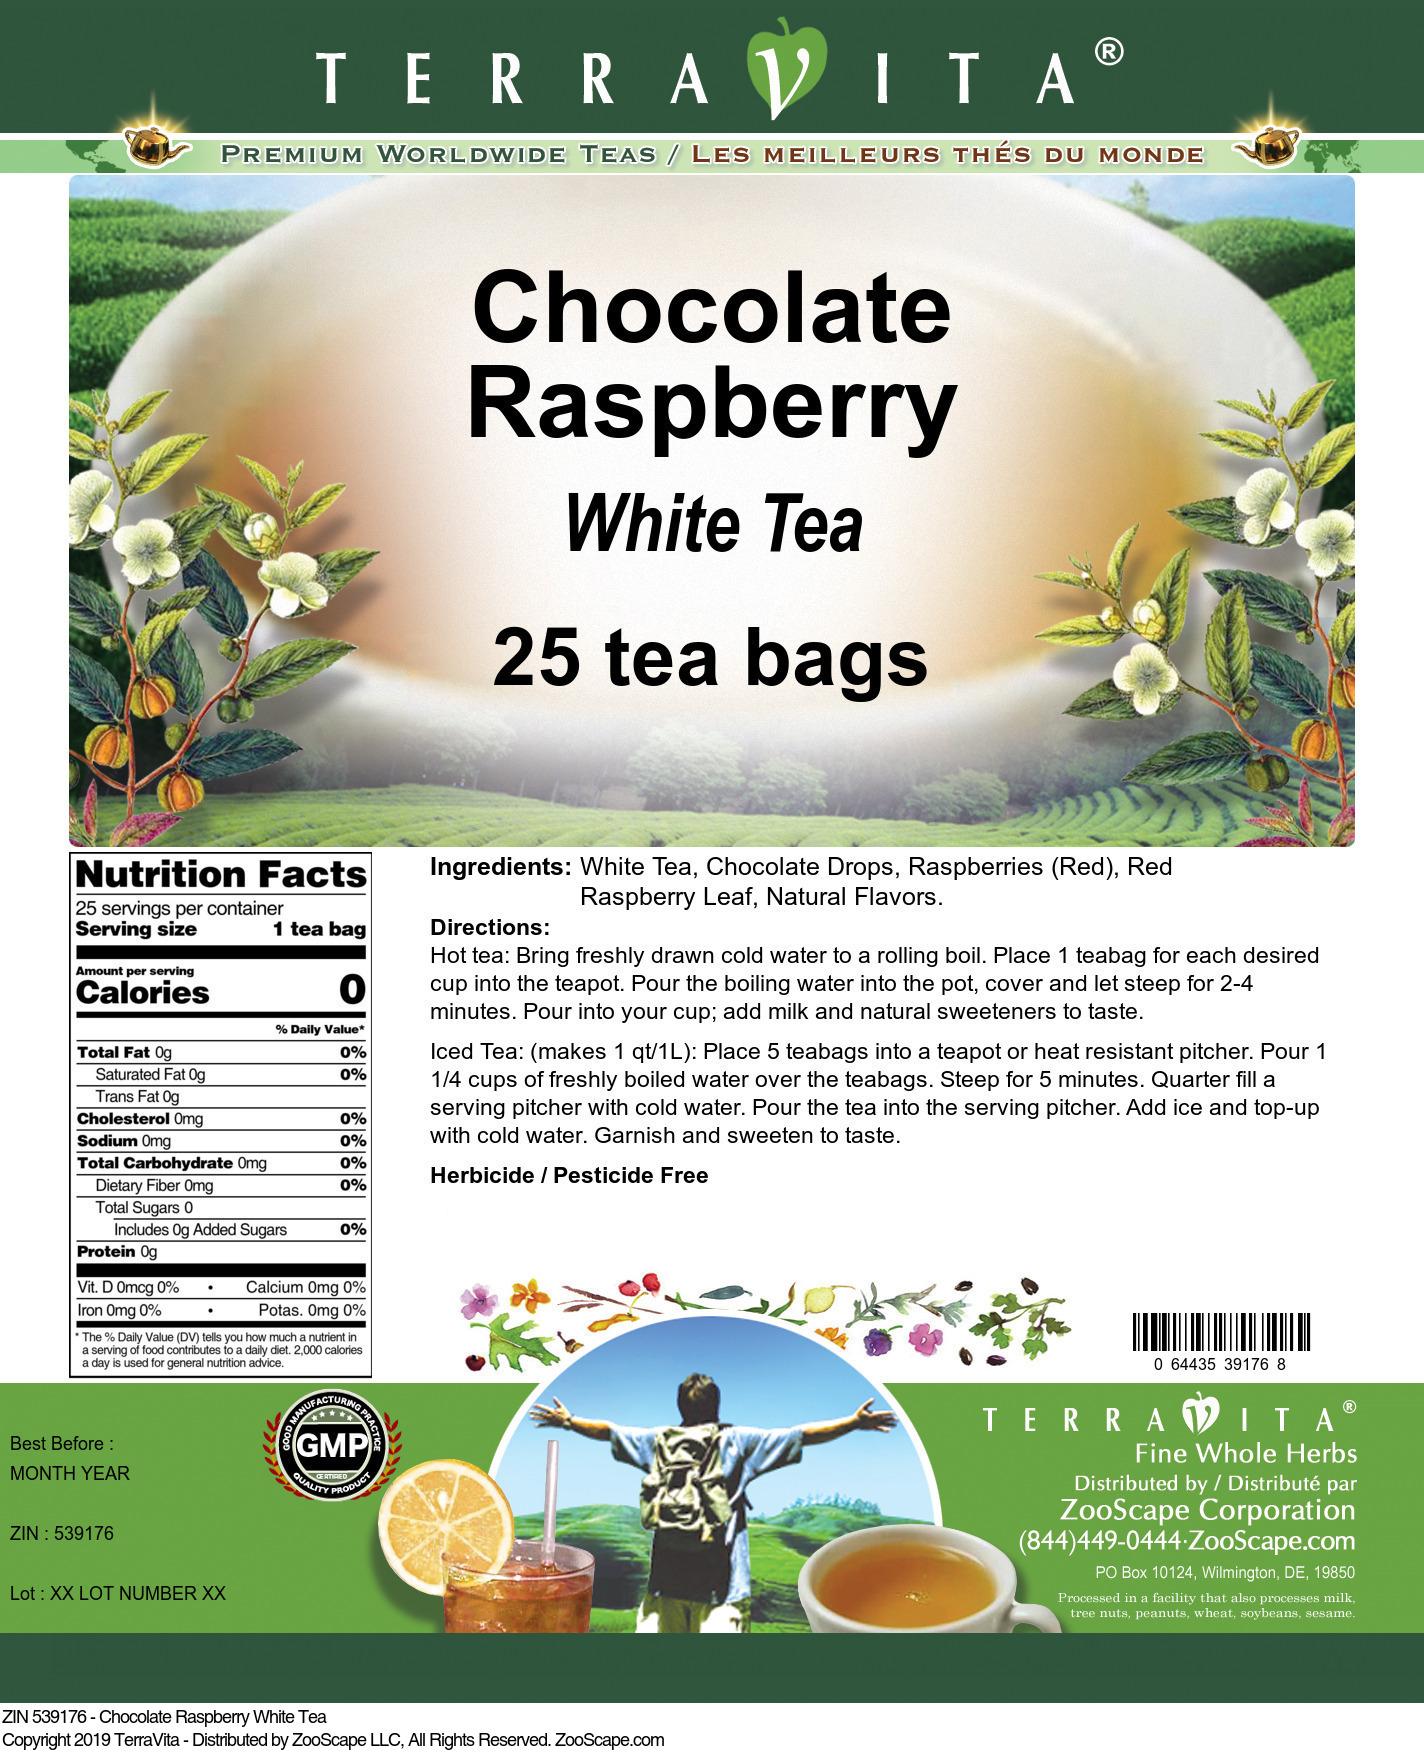 Chocolate Raspberry White Tea